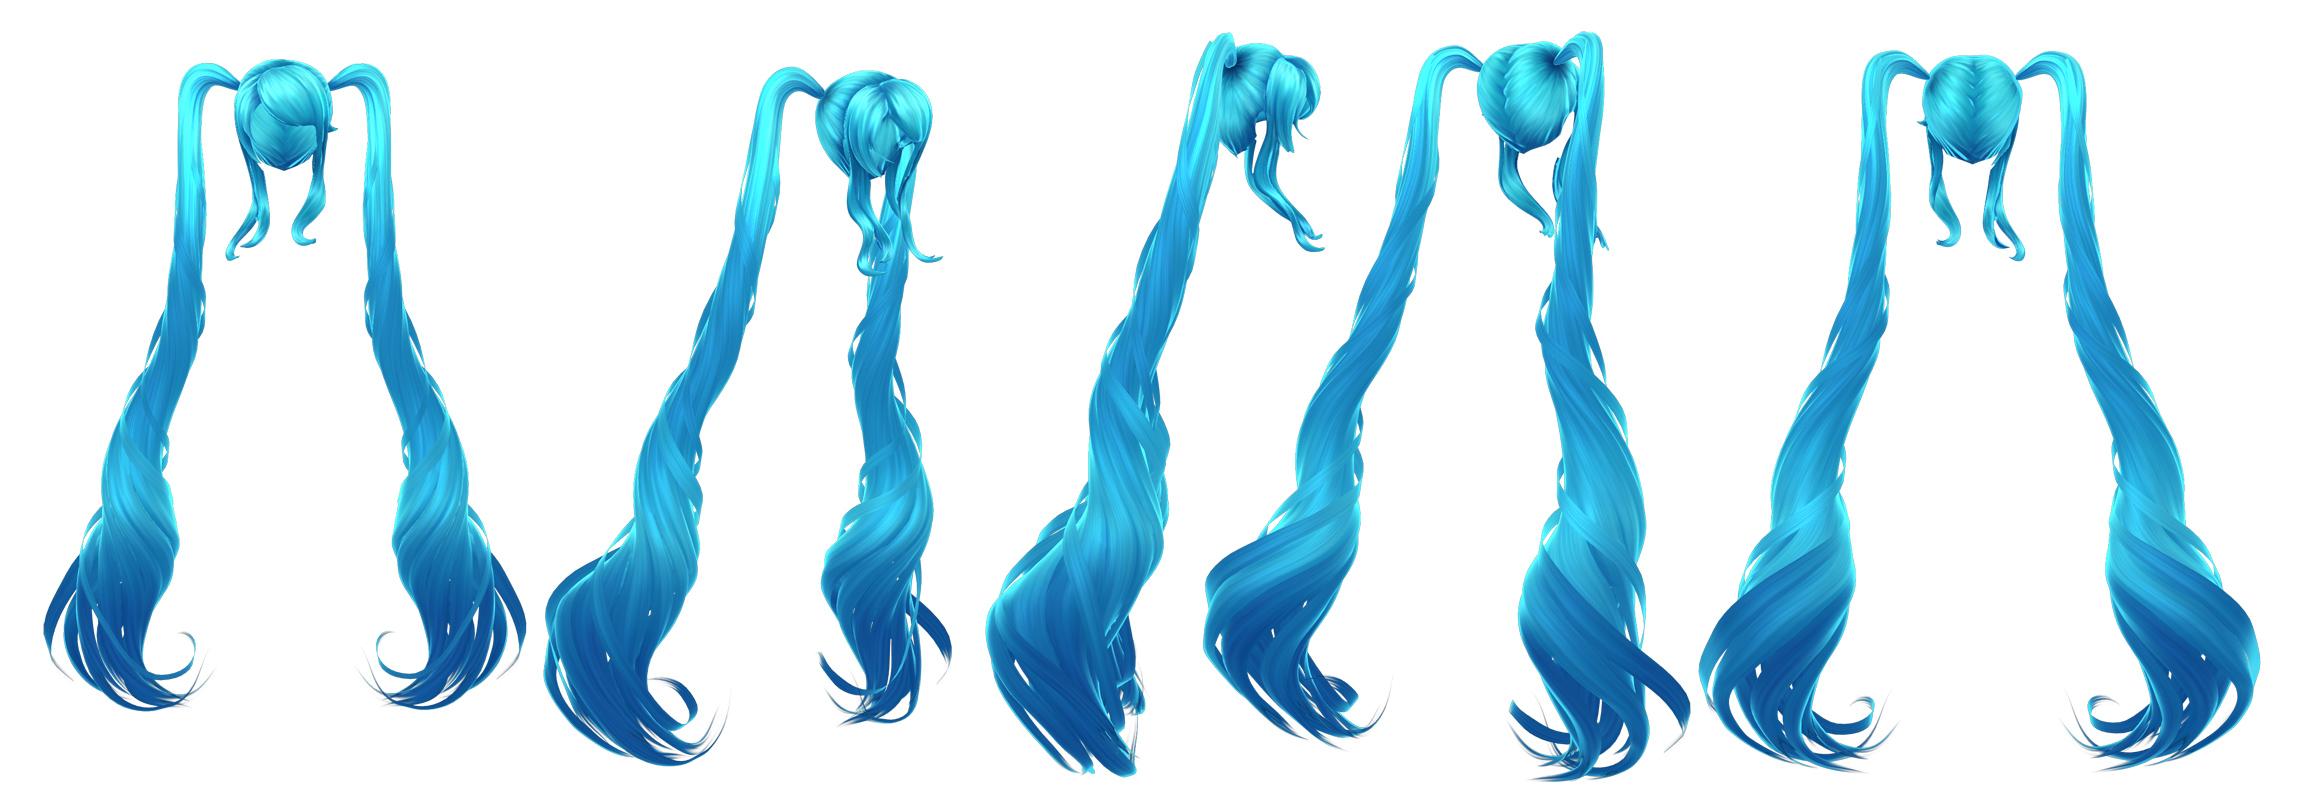 Hatsune Miku Hair Wip 1 By Hazardousarts On Deviantart